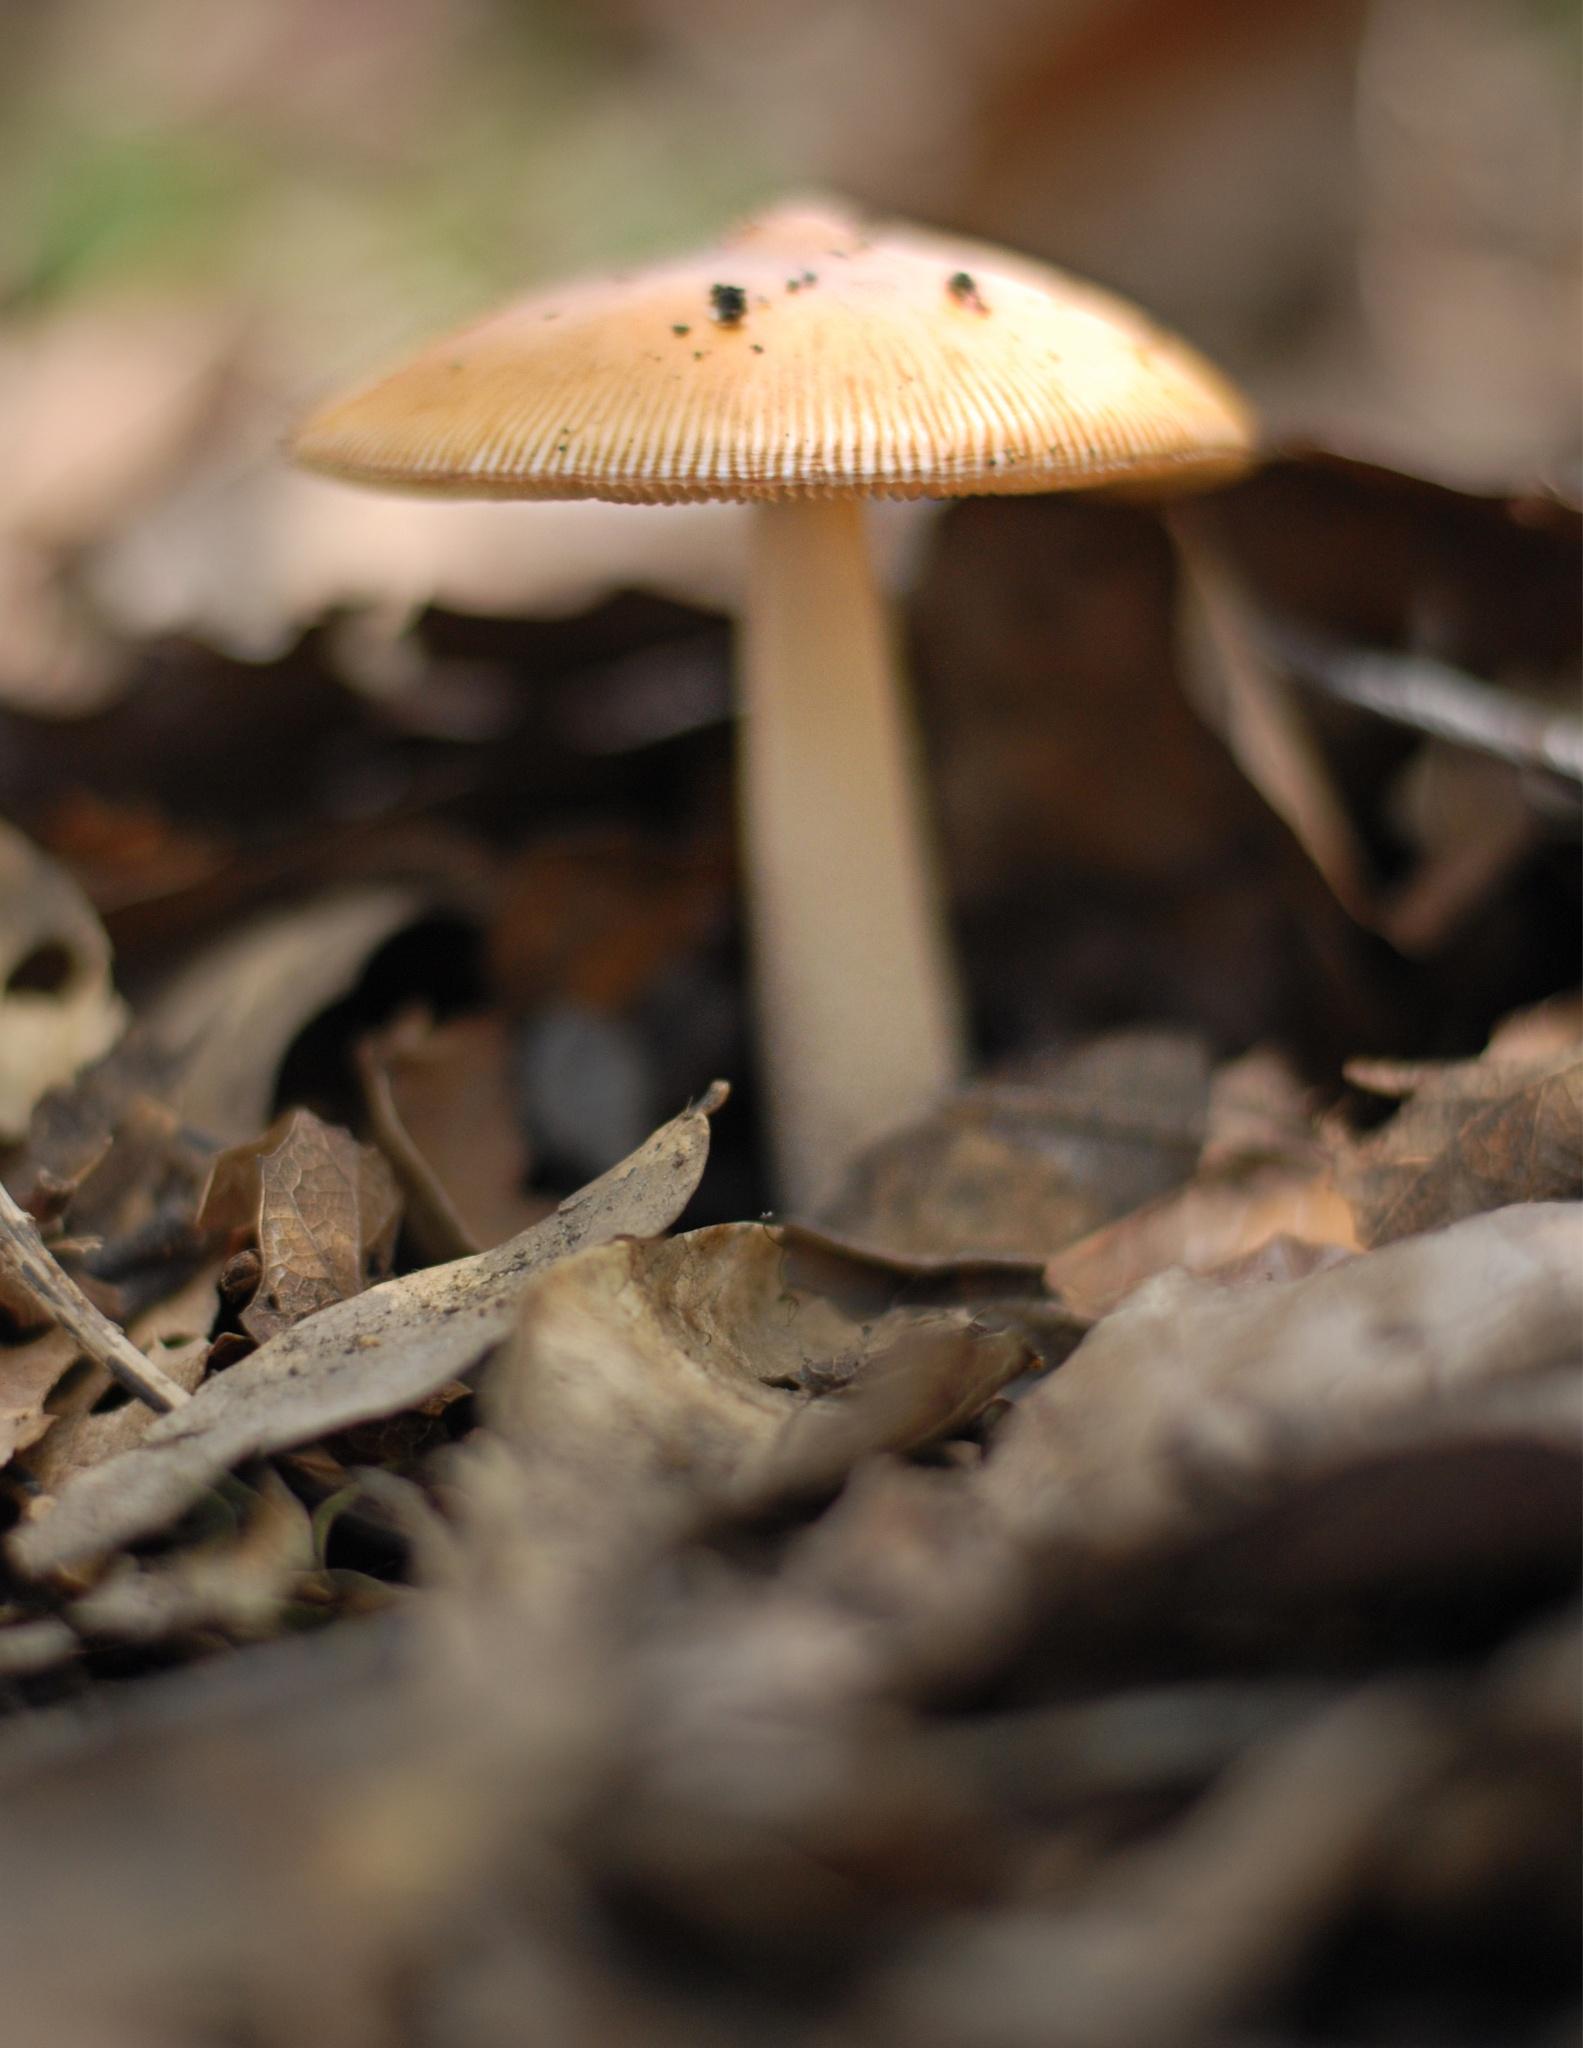 Fungi by Juanjo Rodas